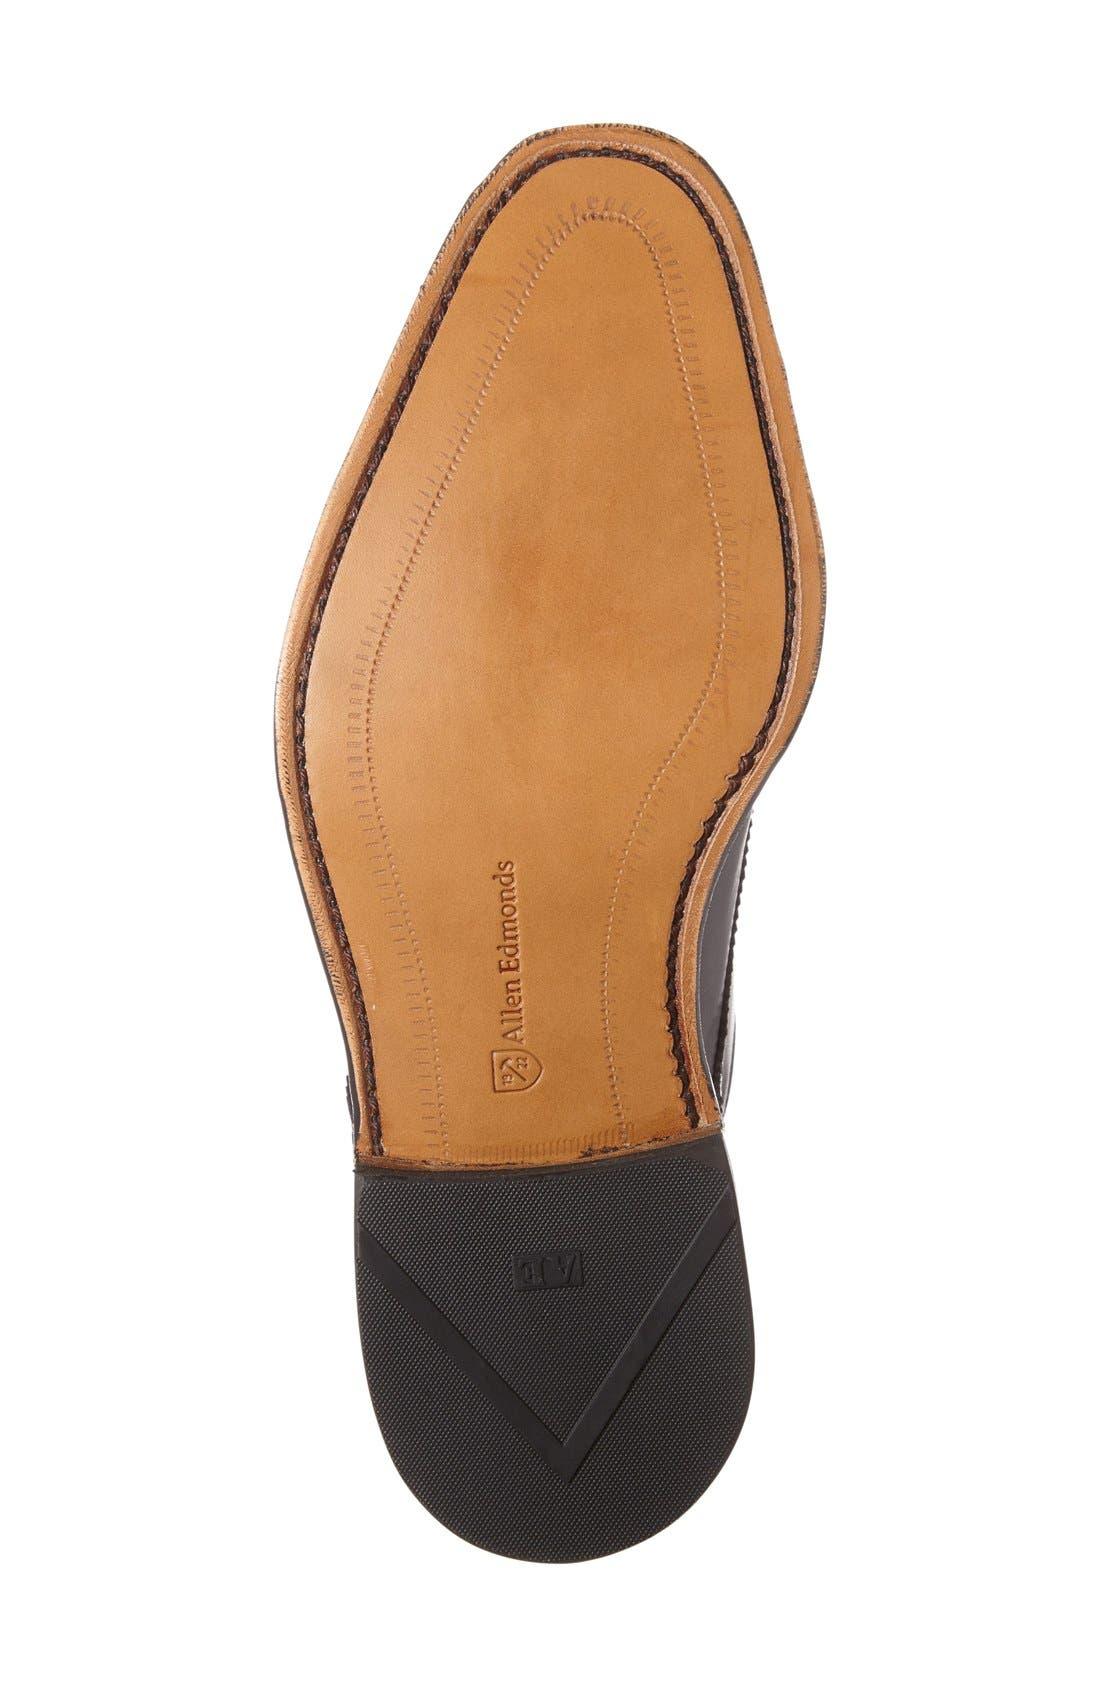 'St. Johns' Double Monk Strap Shoe,                             Alternate thumbnail 4, color,                             BLACK LEATHER